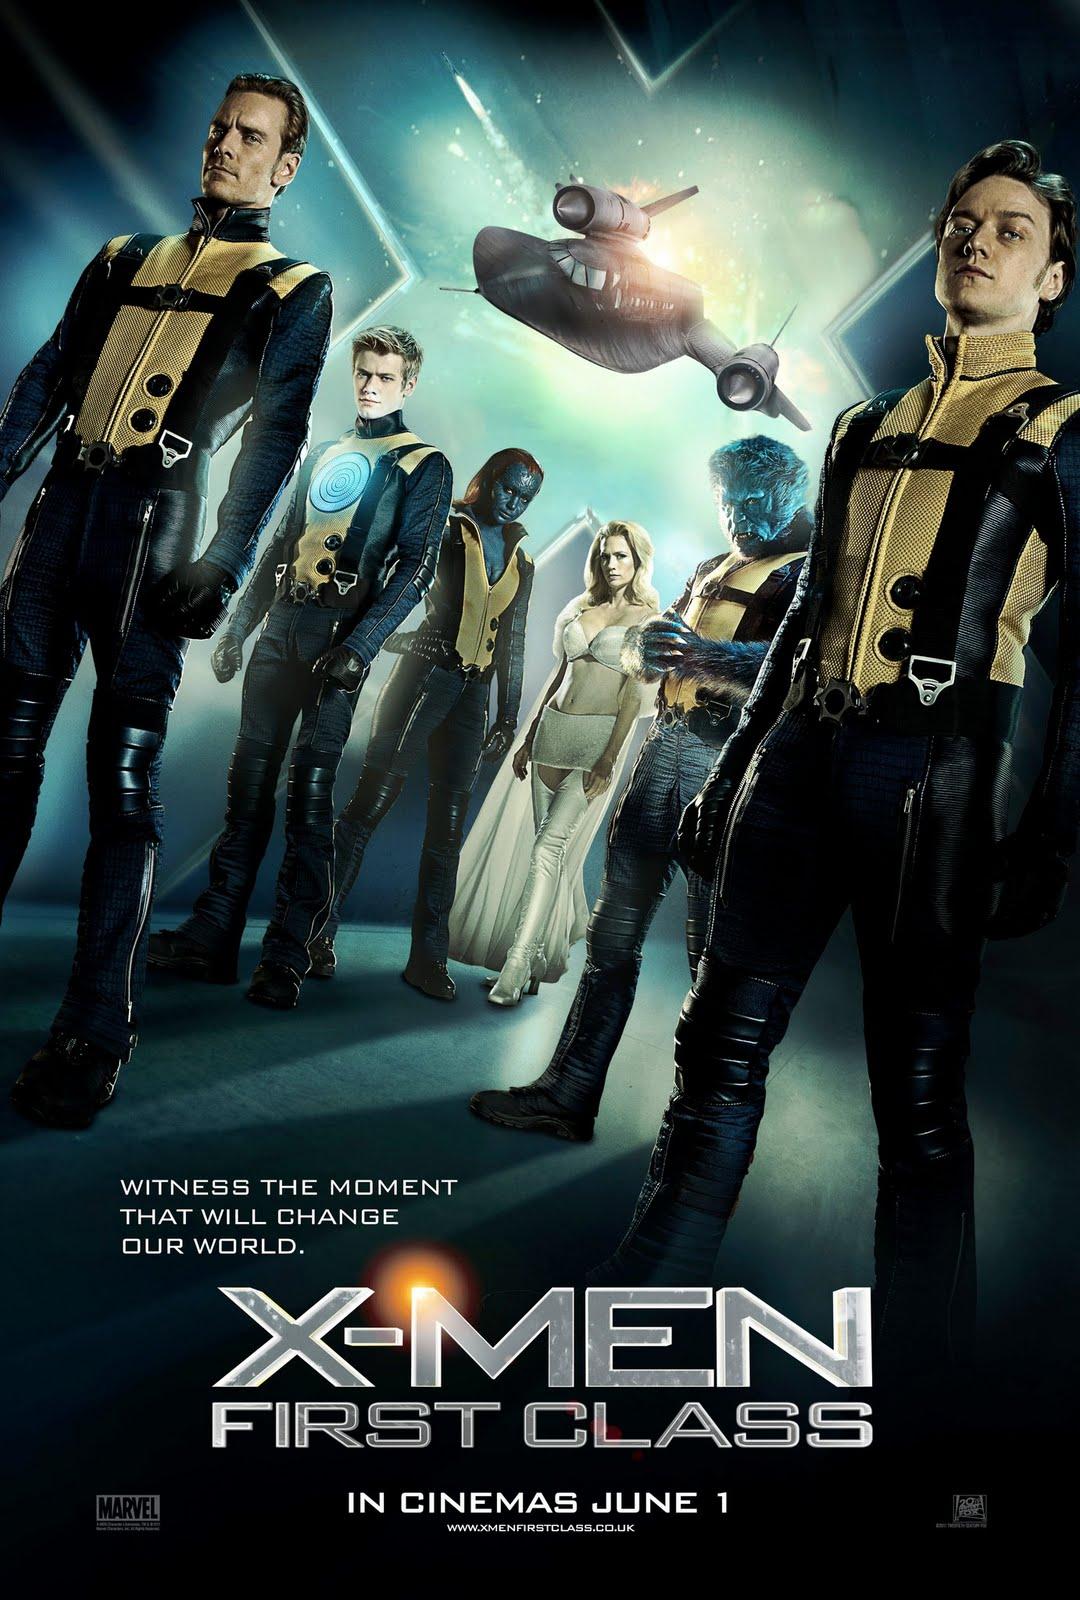 X Men First Class 2 Poster The Gallifreyan Gazett...